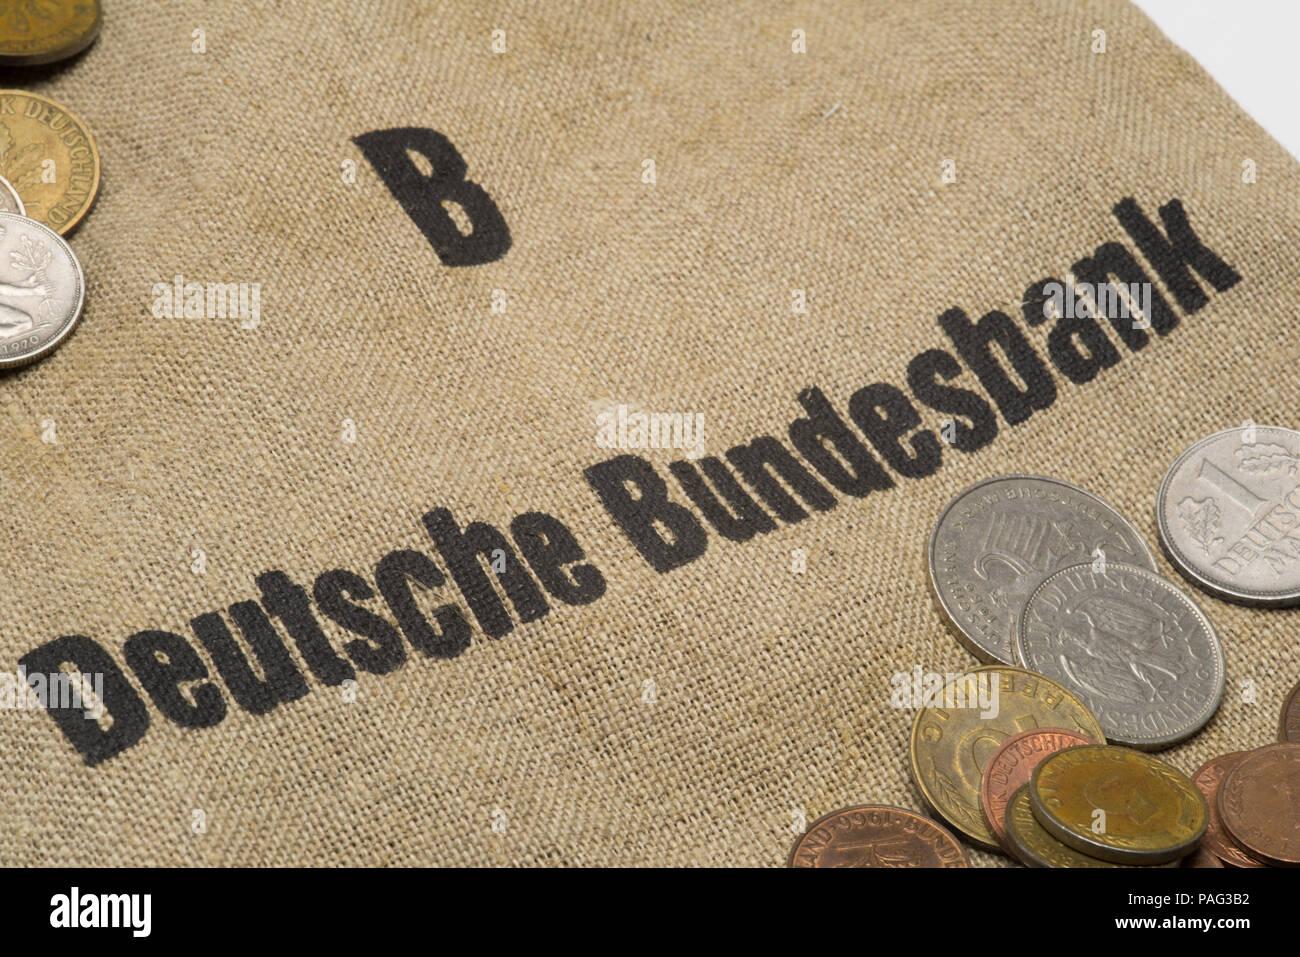 Deutsche Bundesbank - Old German Currency with moneybag - Stock Image